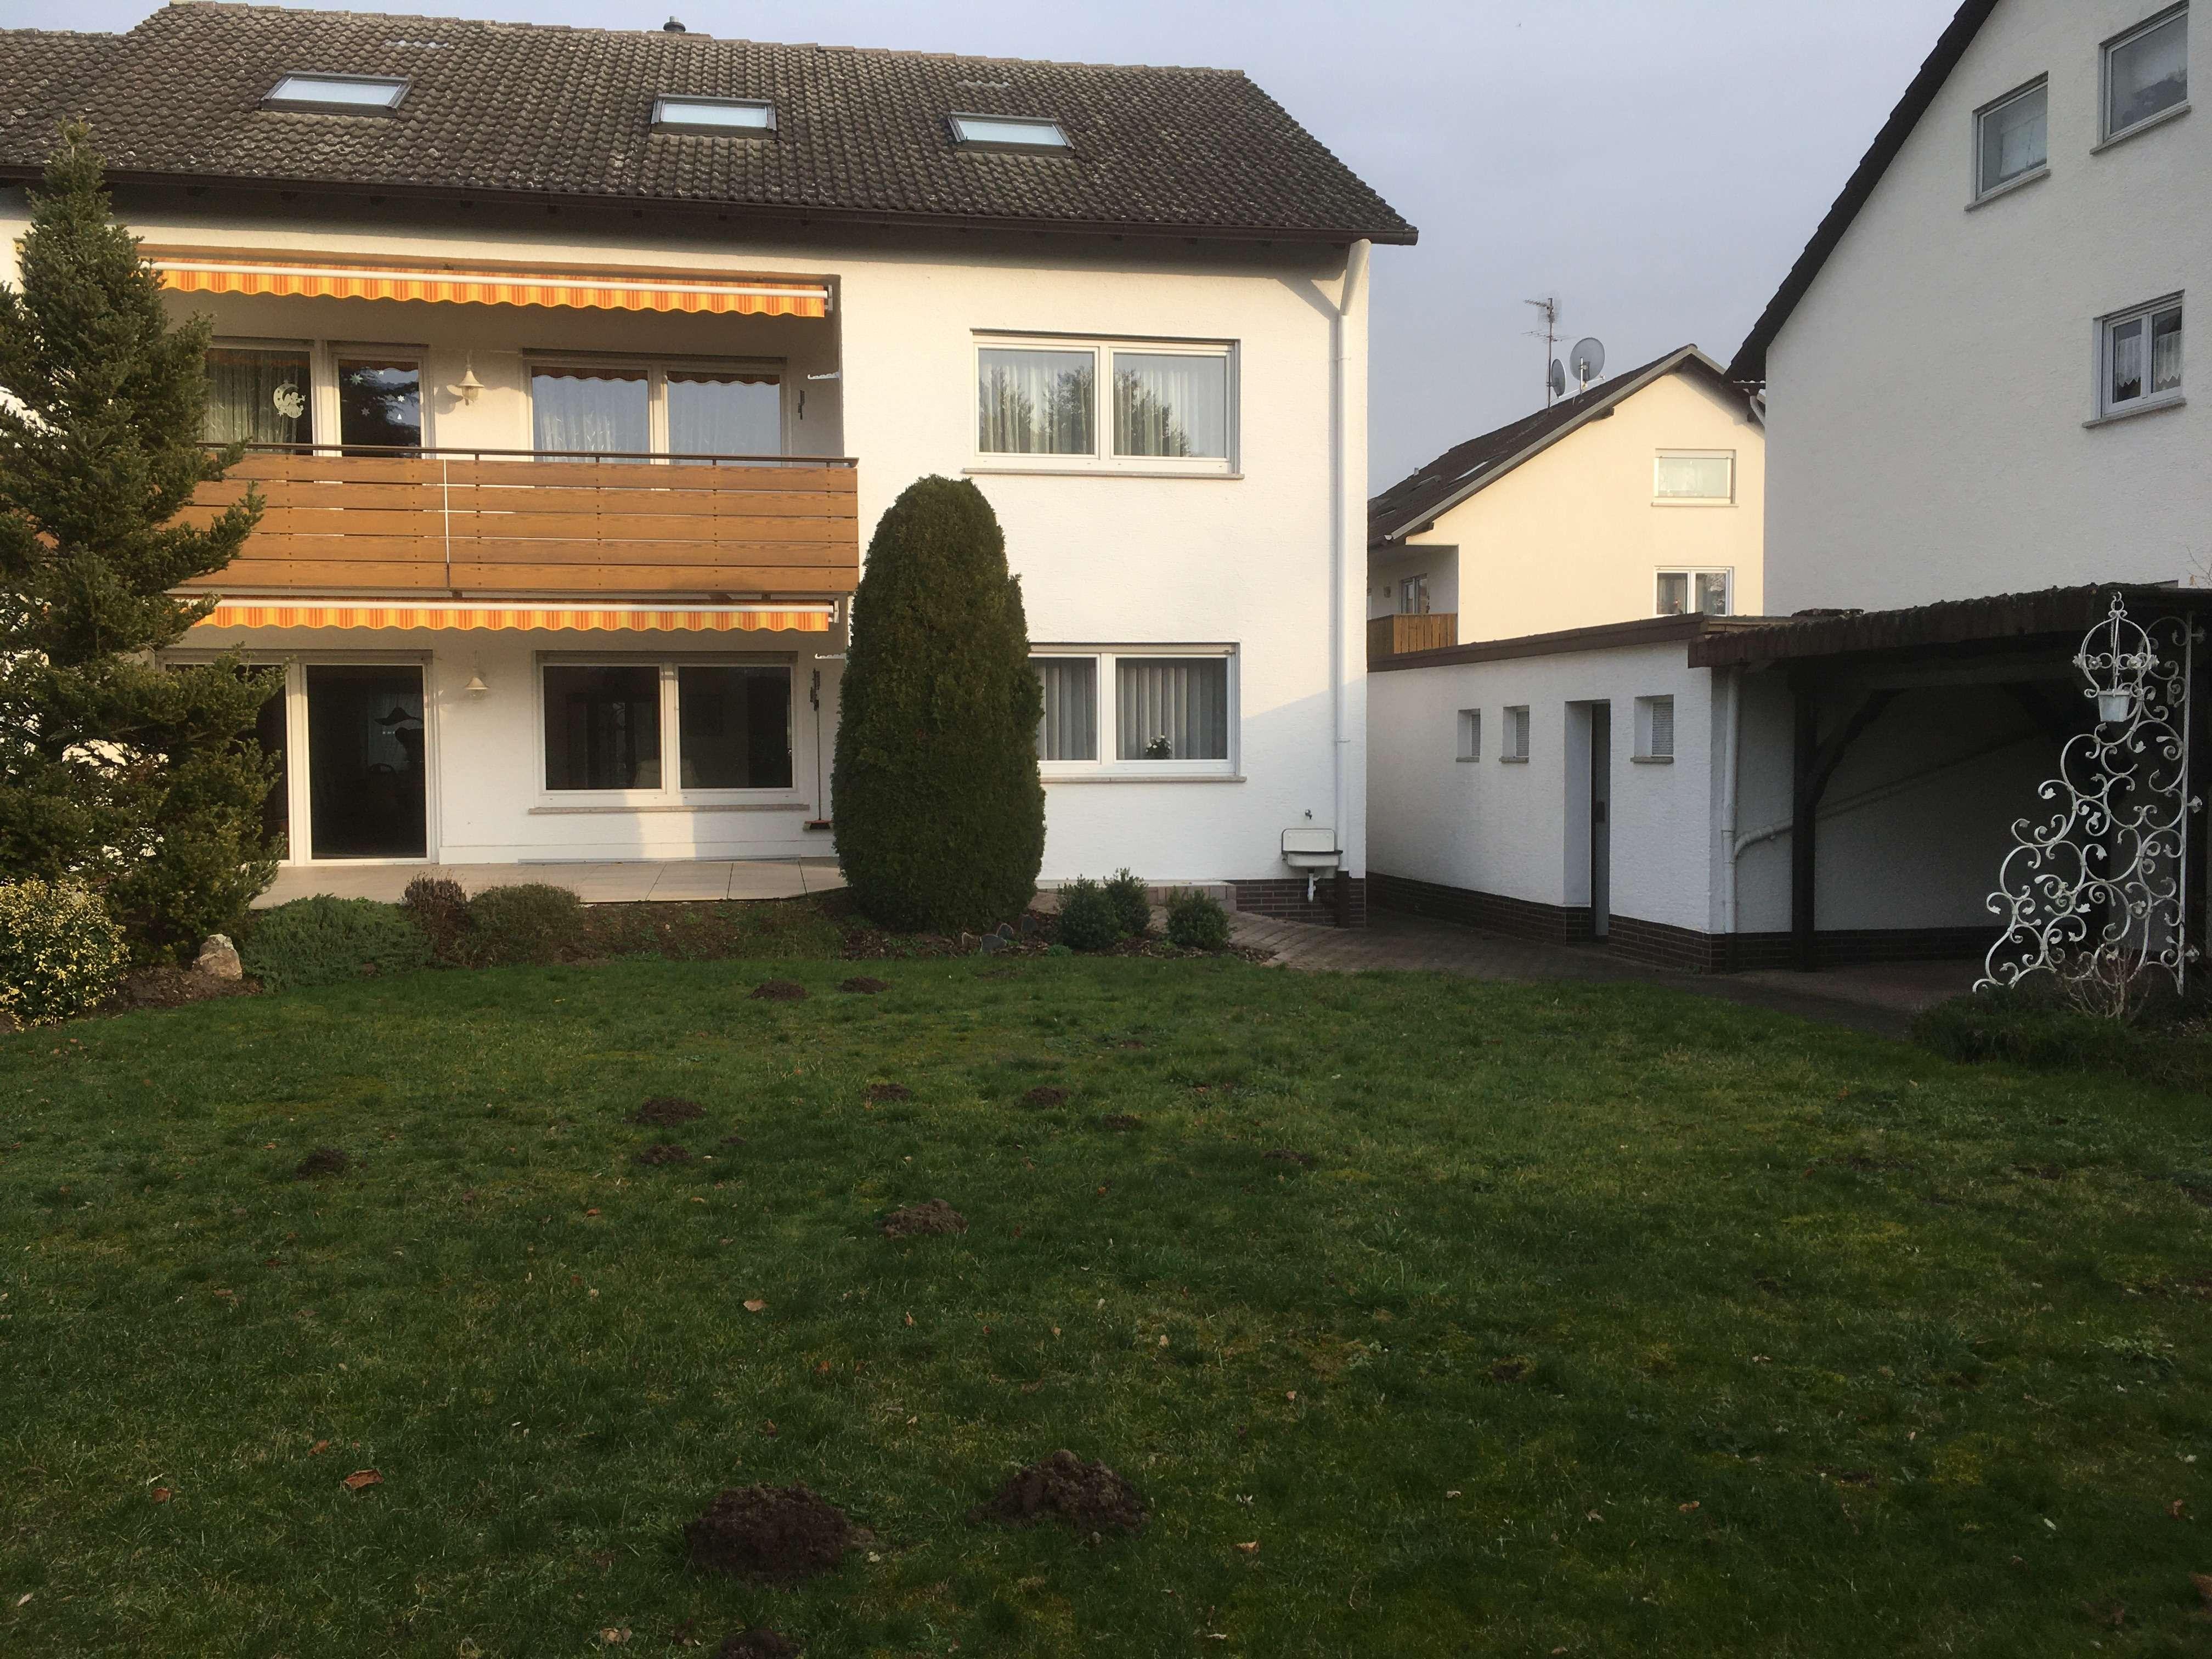 Schöne 3 Zi. EGWhg. in Aschaffenburg Nilkheim, Nähe Park Schönbusch in Nilkheim (Aschaffenburg)